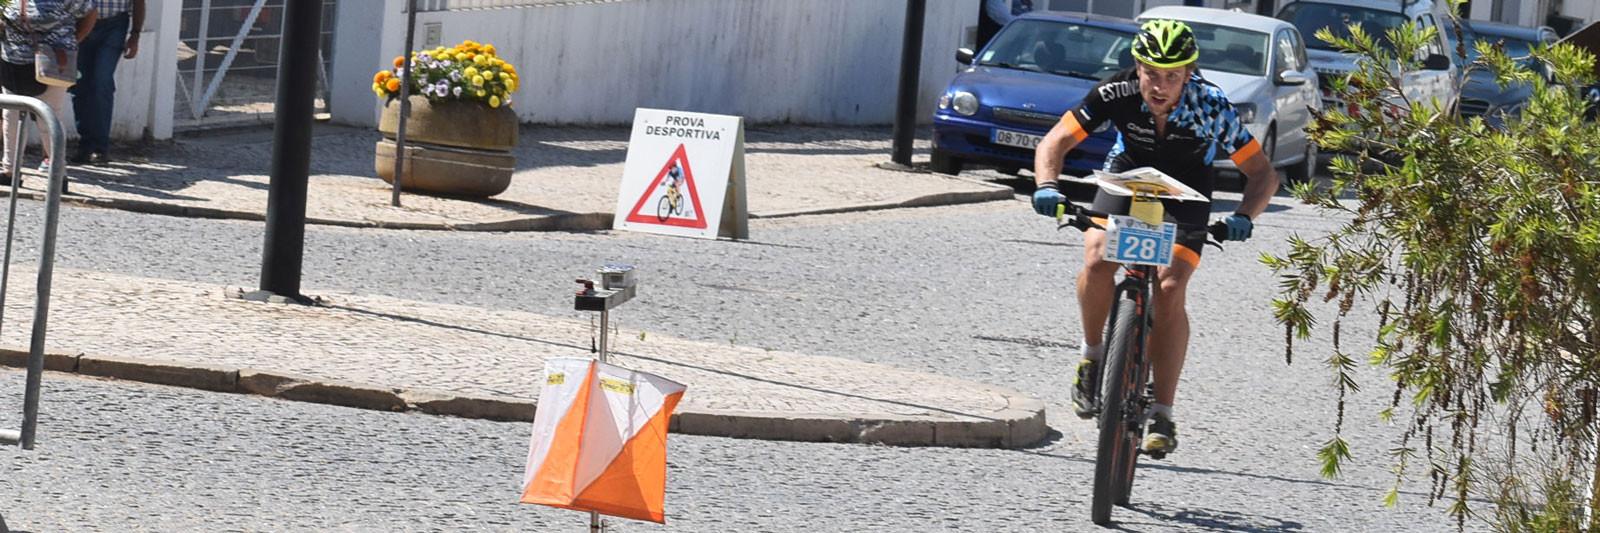 Golden treble for Britain's Benham Kvåle at World Mountain Bike Orienteering Championships in Denmark